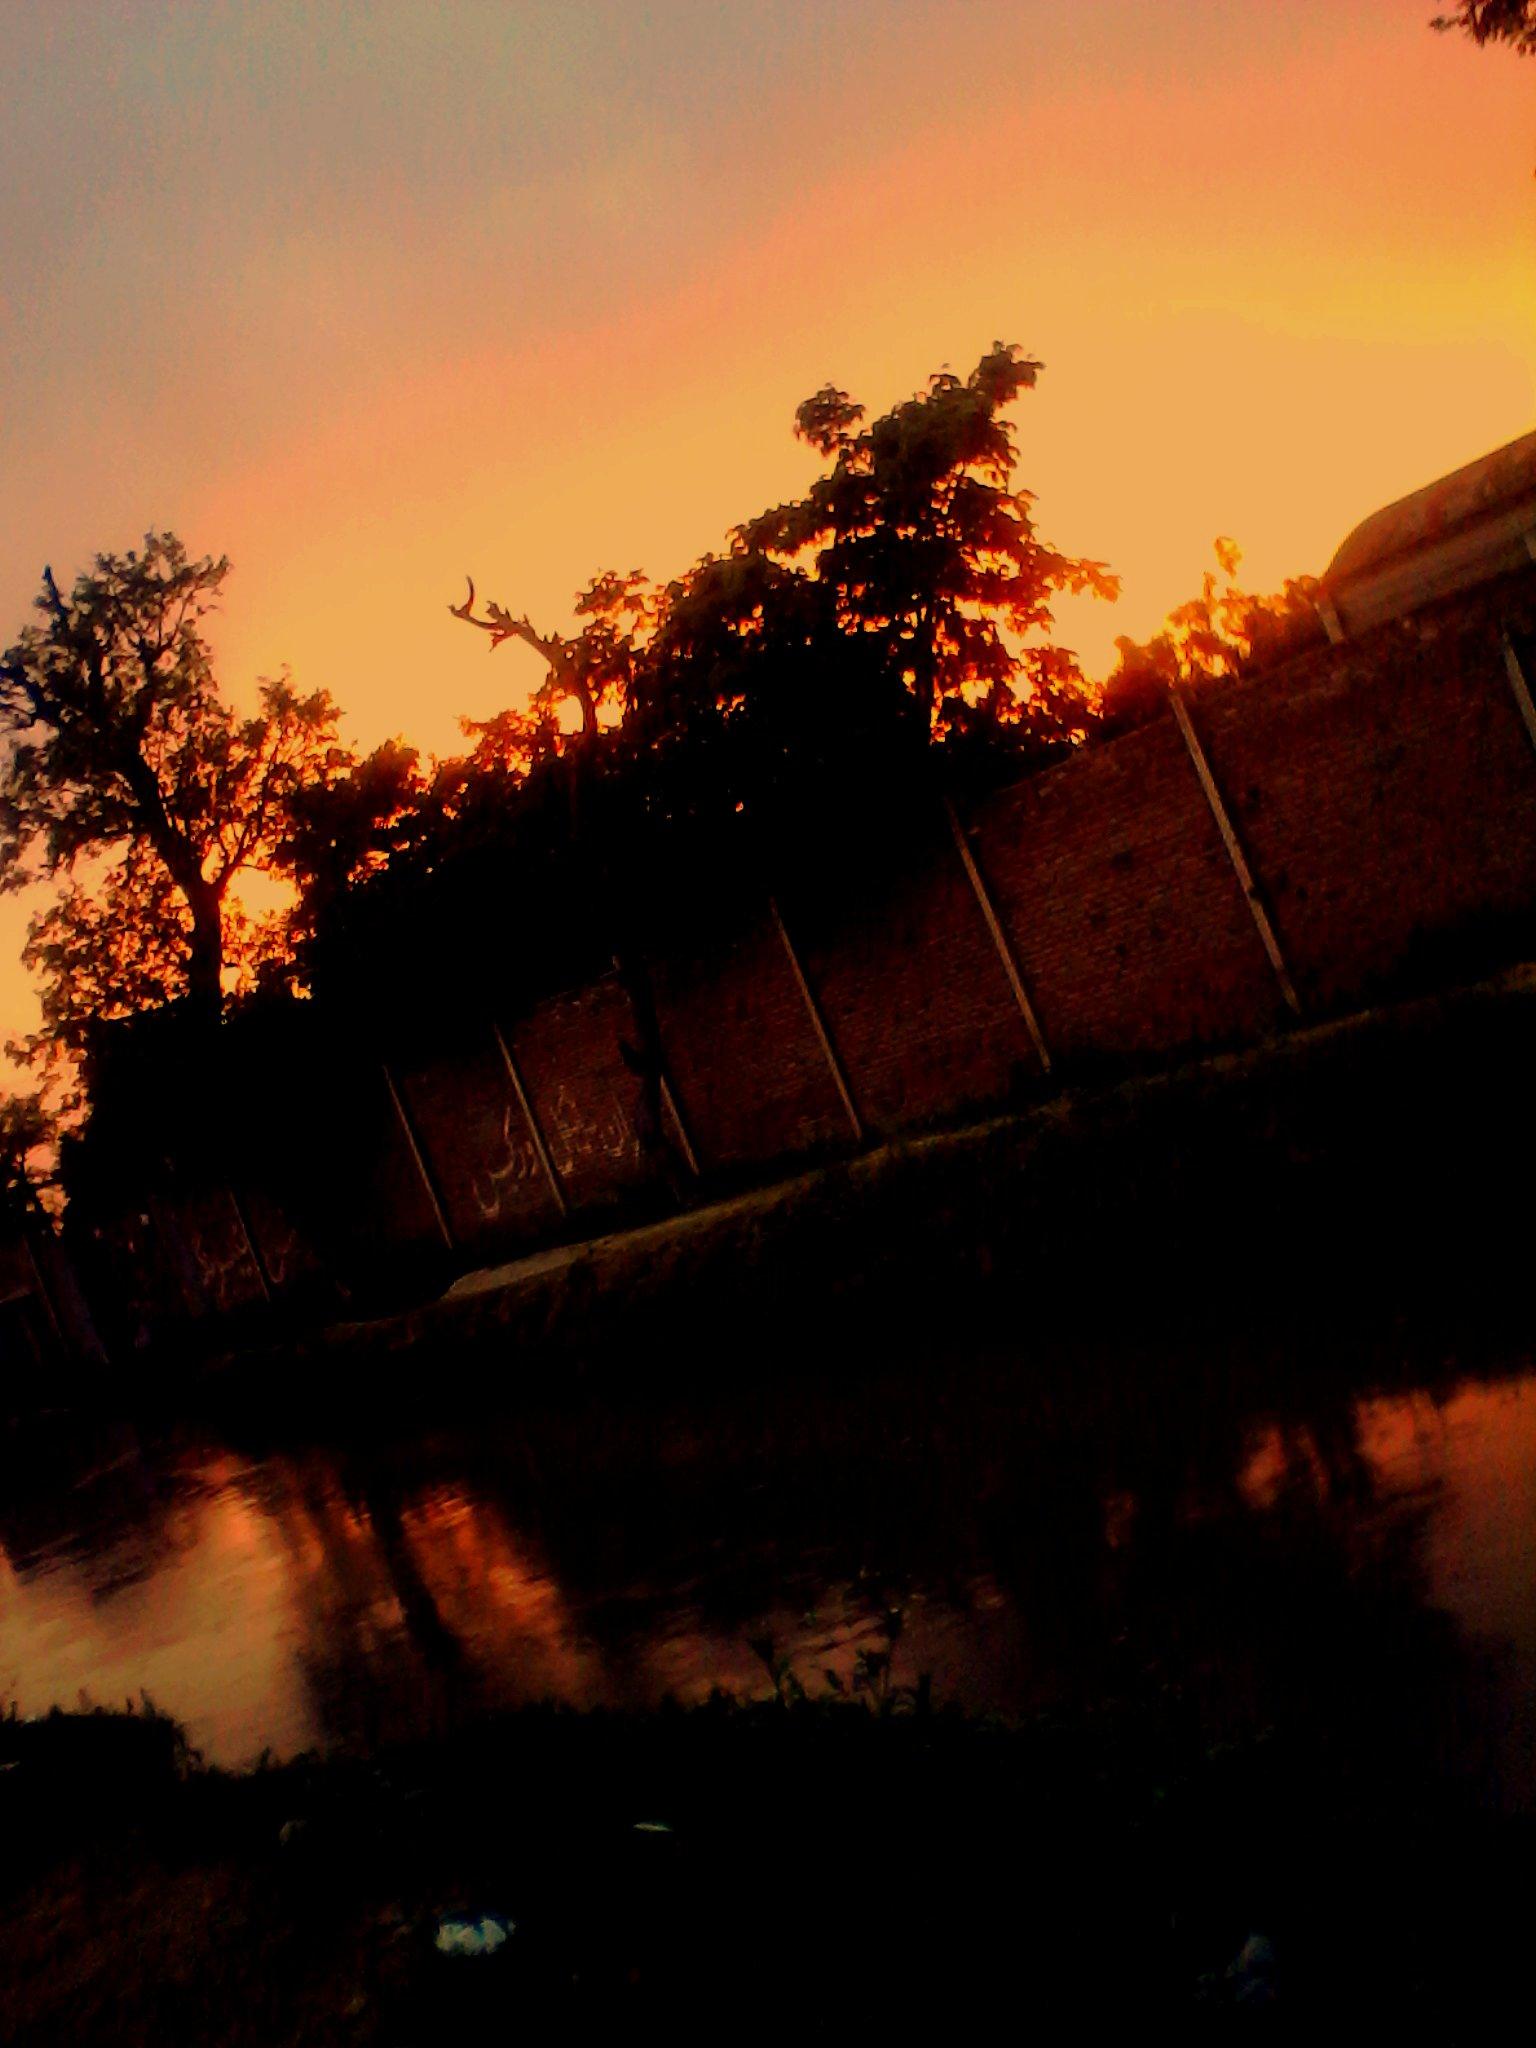 Helloworld25 30: Mardan, Pakistan Sunrise Sunset Times